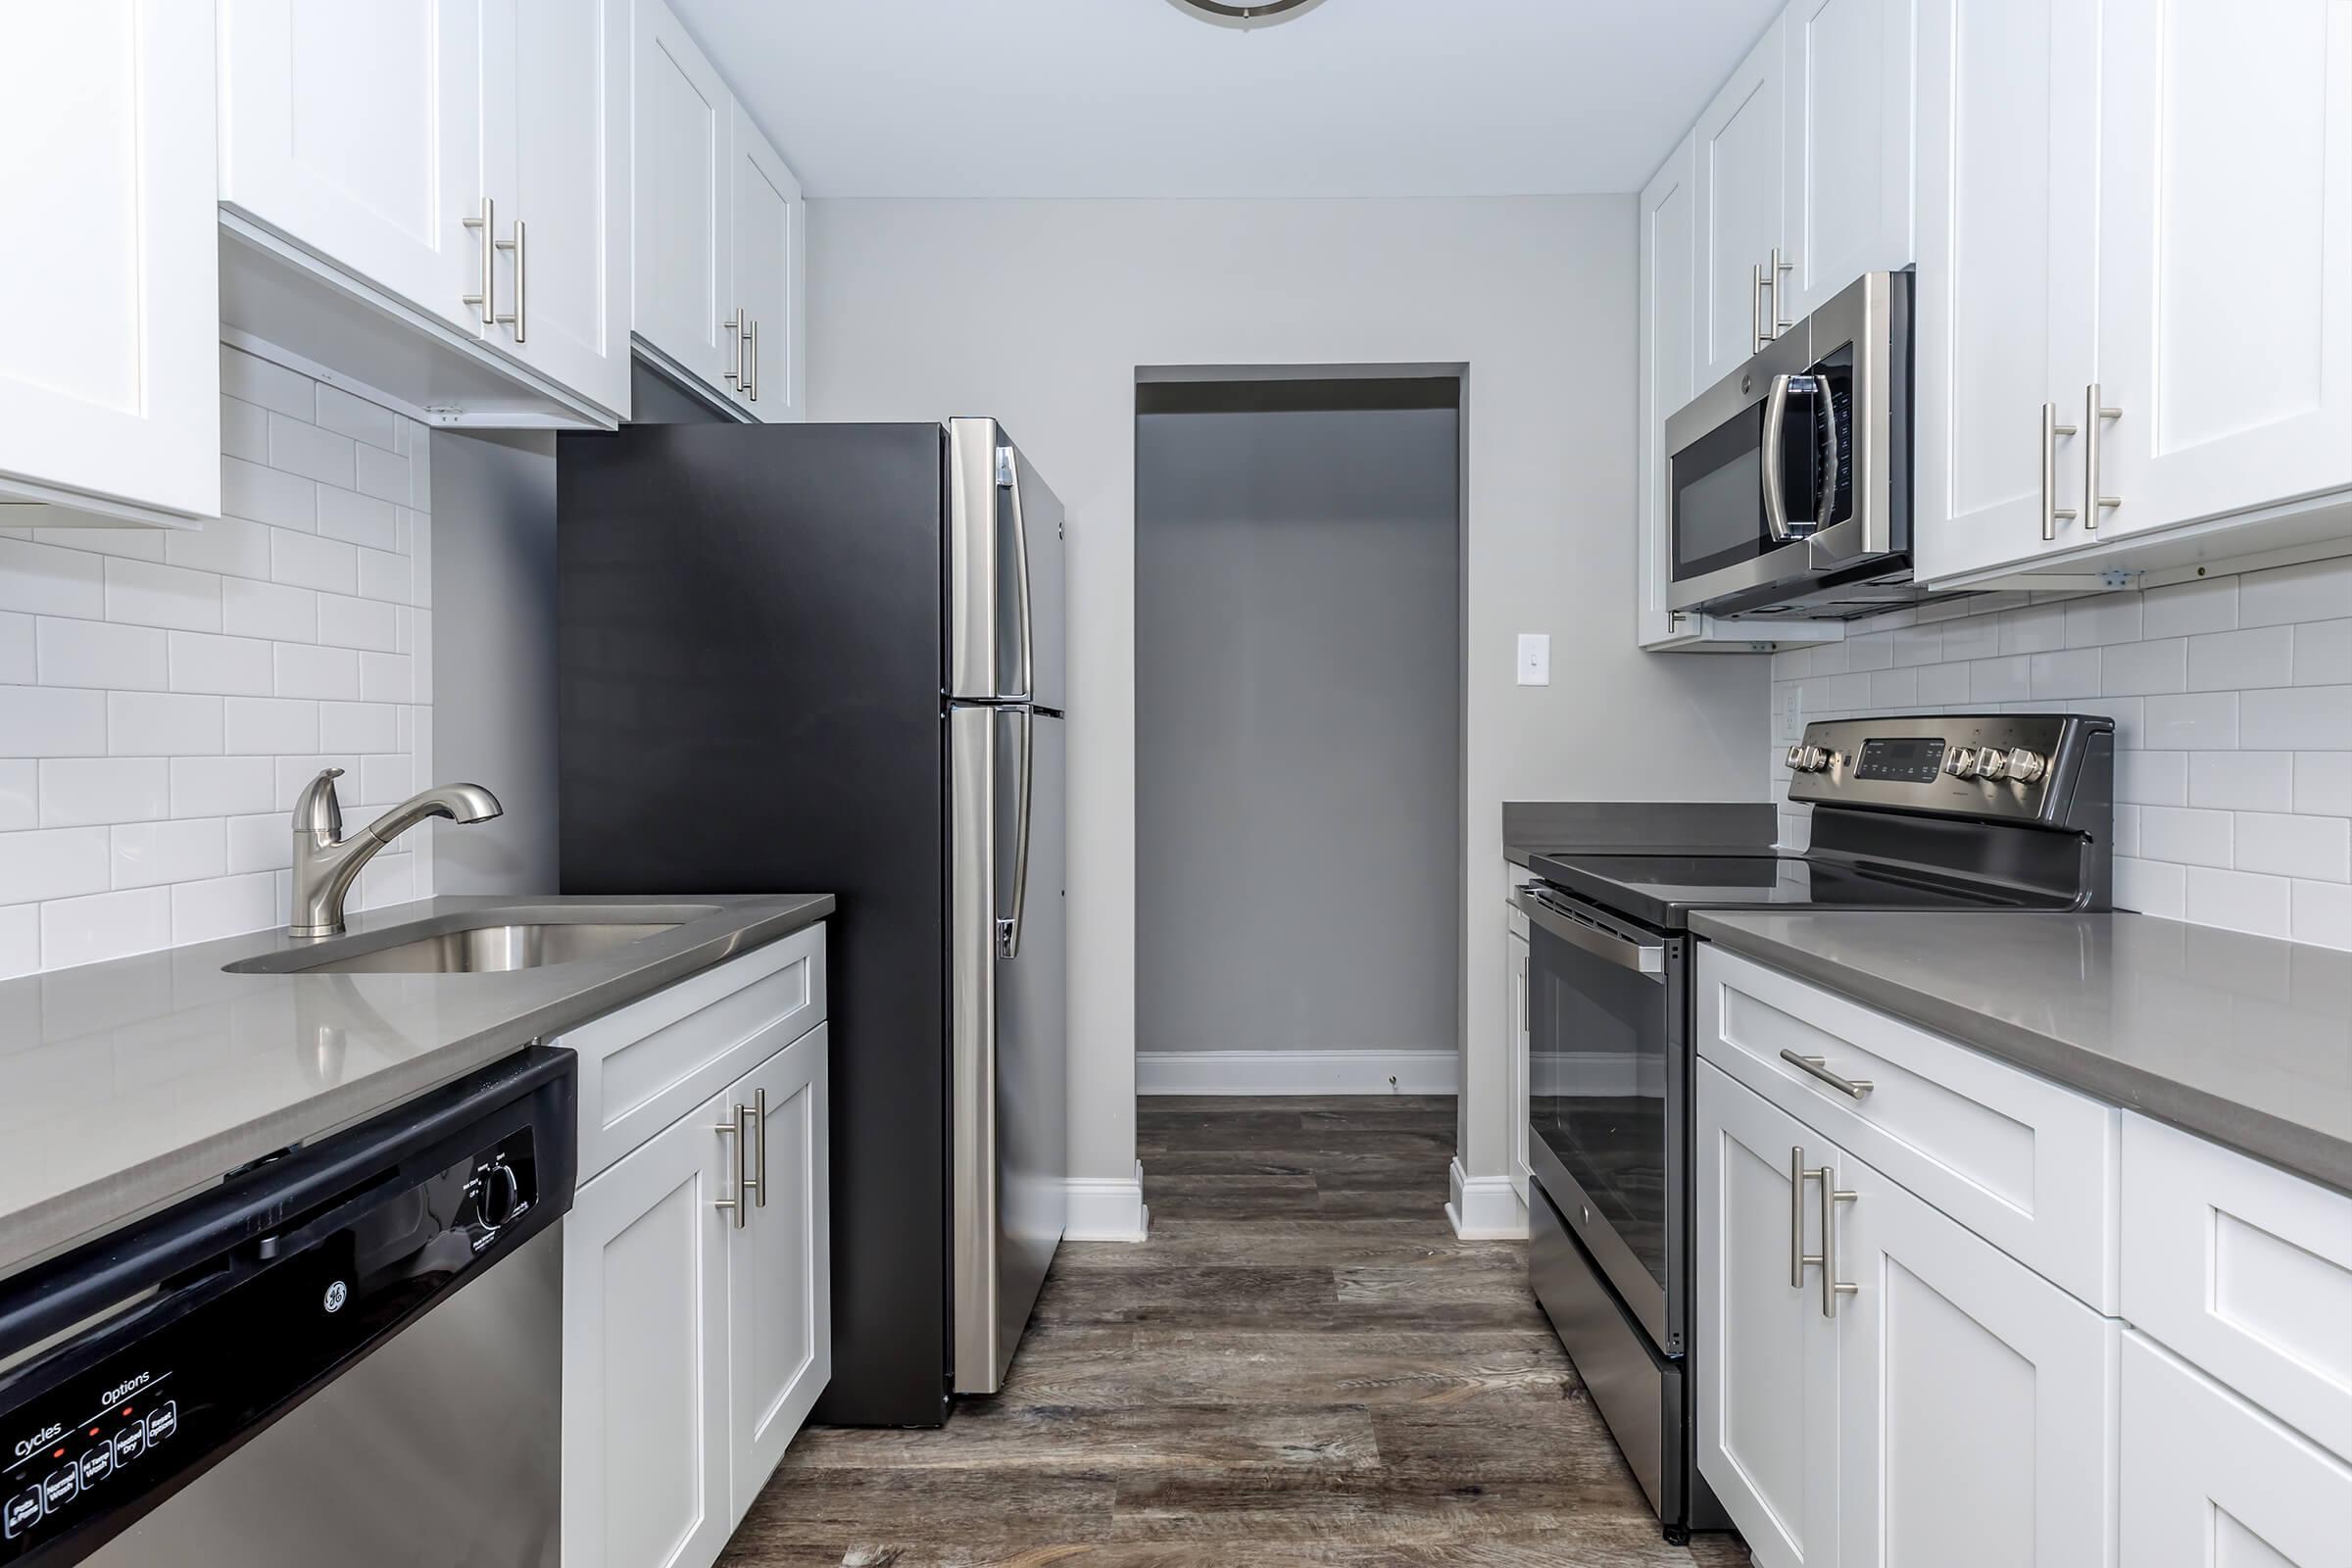 Kitchen at The Allante Apartments in Alexandria, VA